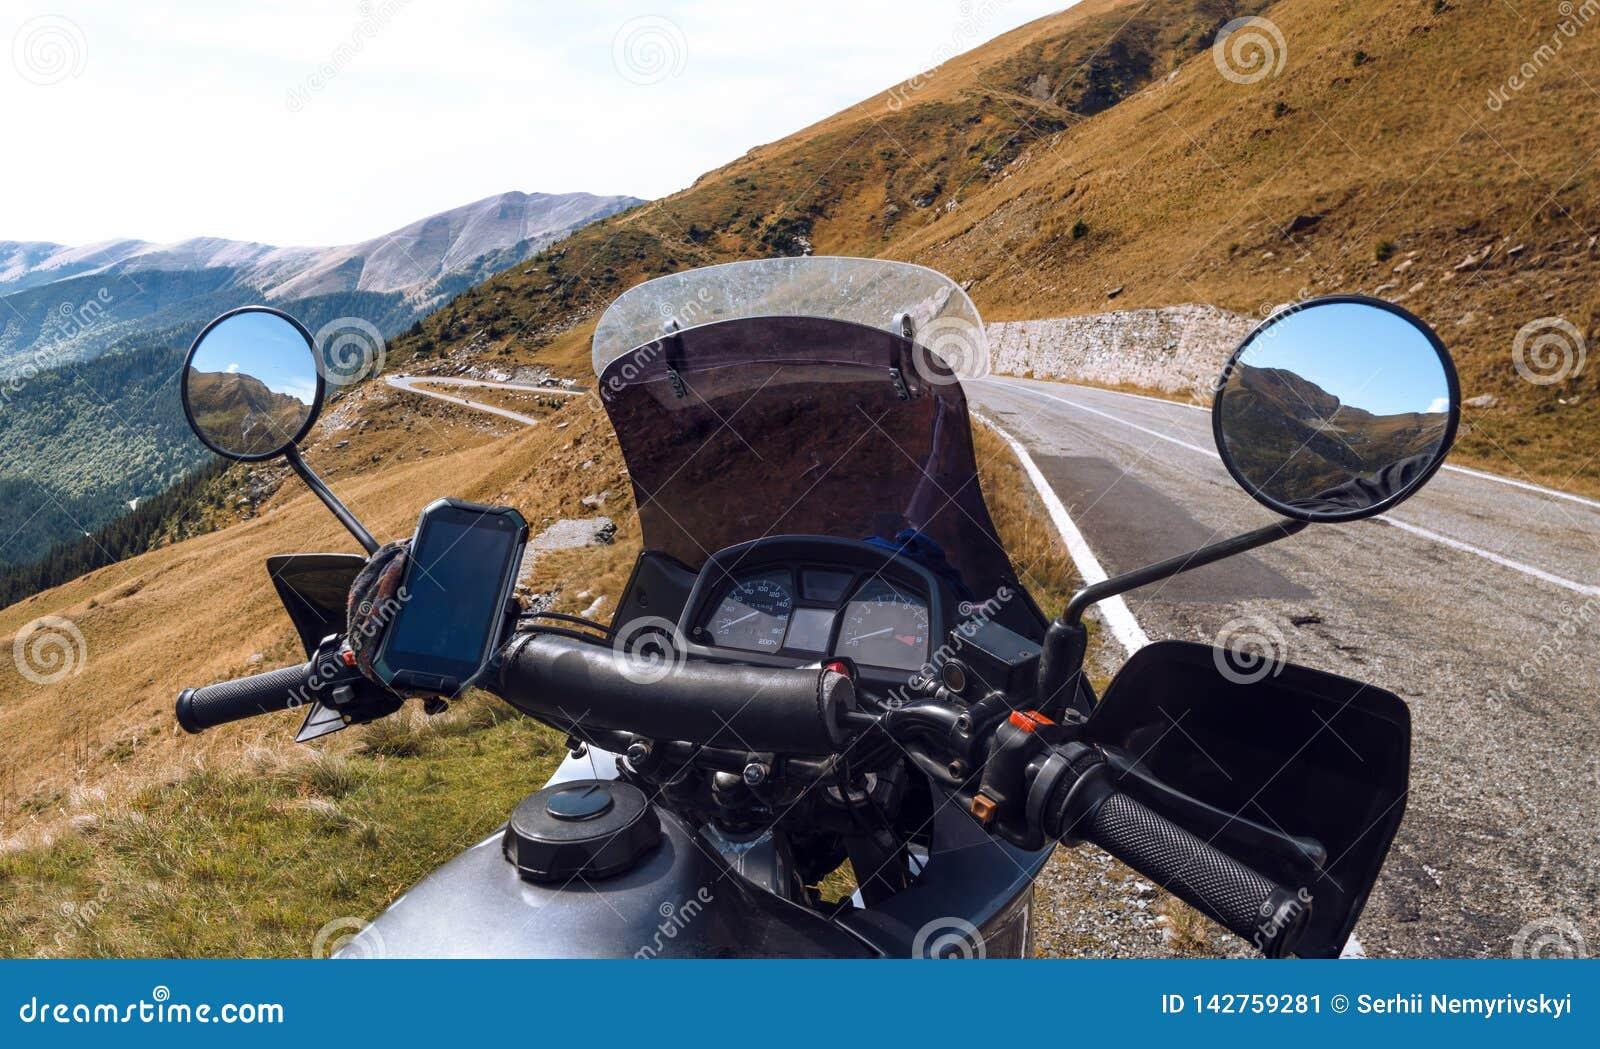 Moto touristique, volant Automne Dans le dessus des montagnes tourisme de moto et concept de récréation Transfagarasan